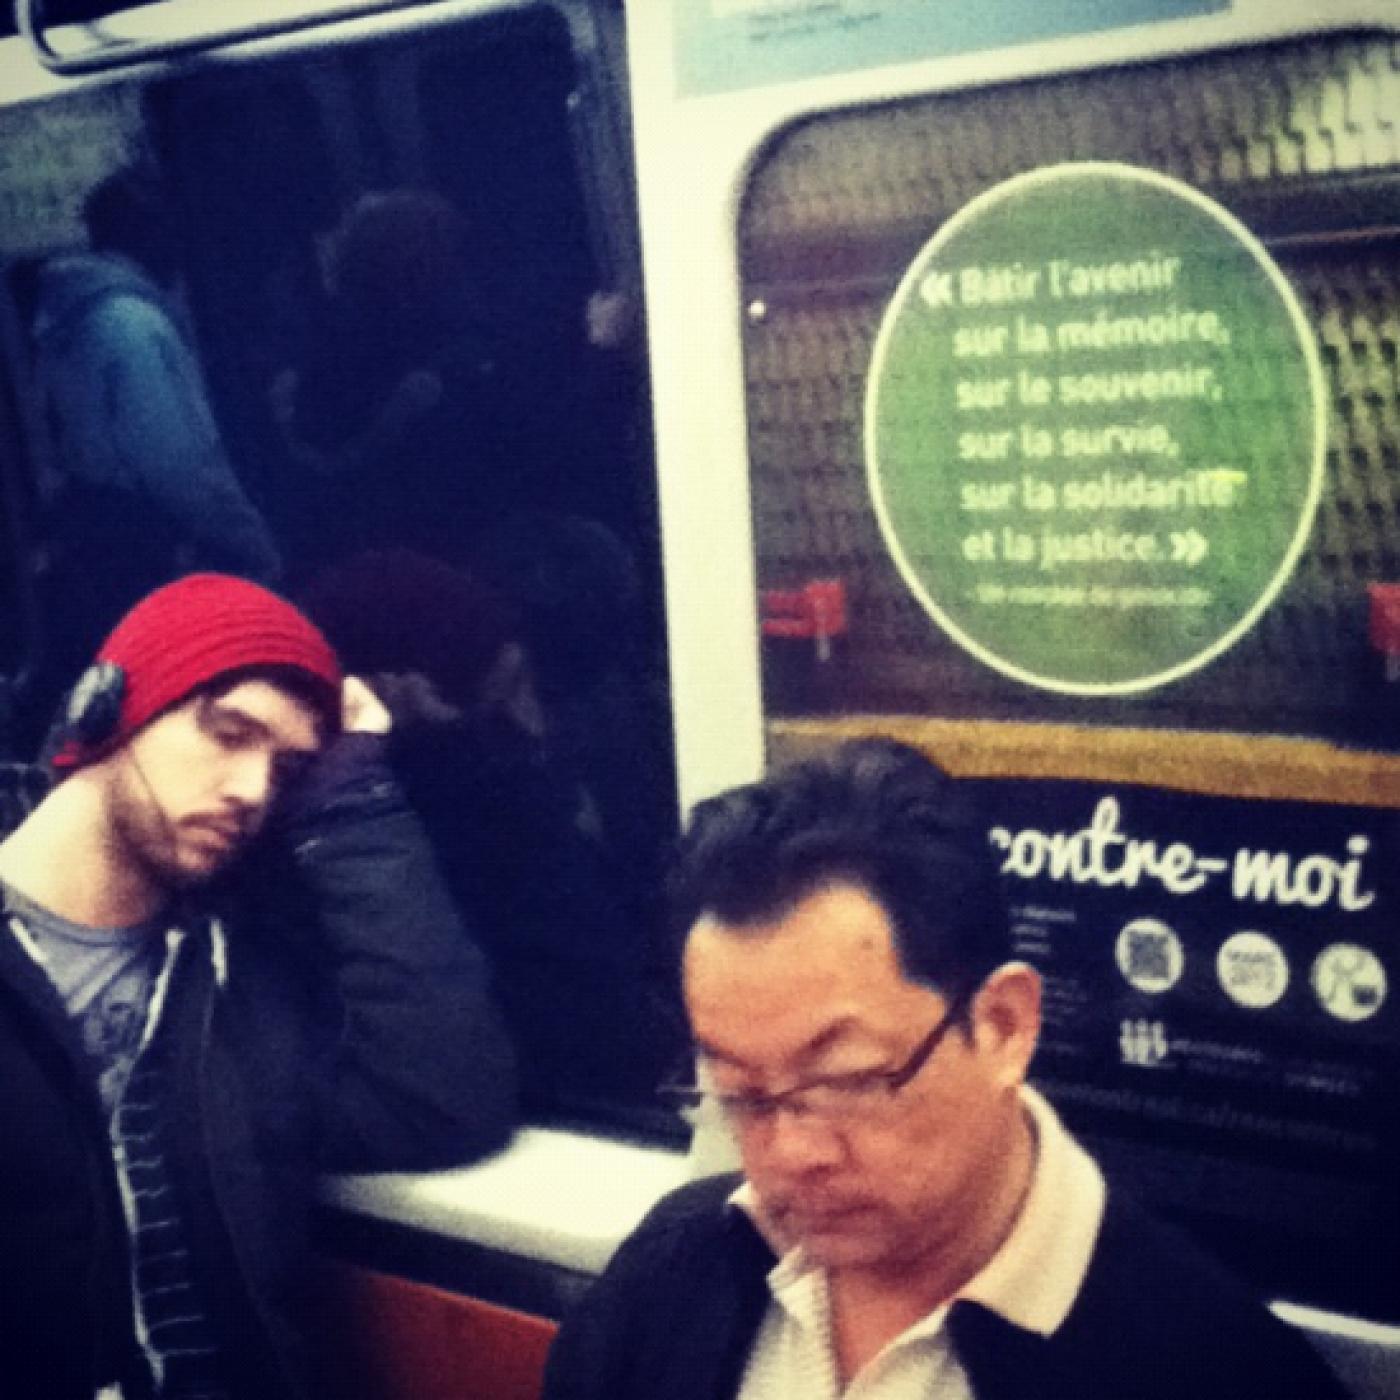 Retrouver quelqu'un rencontré dans le métro